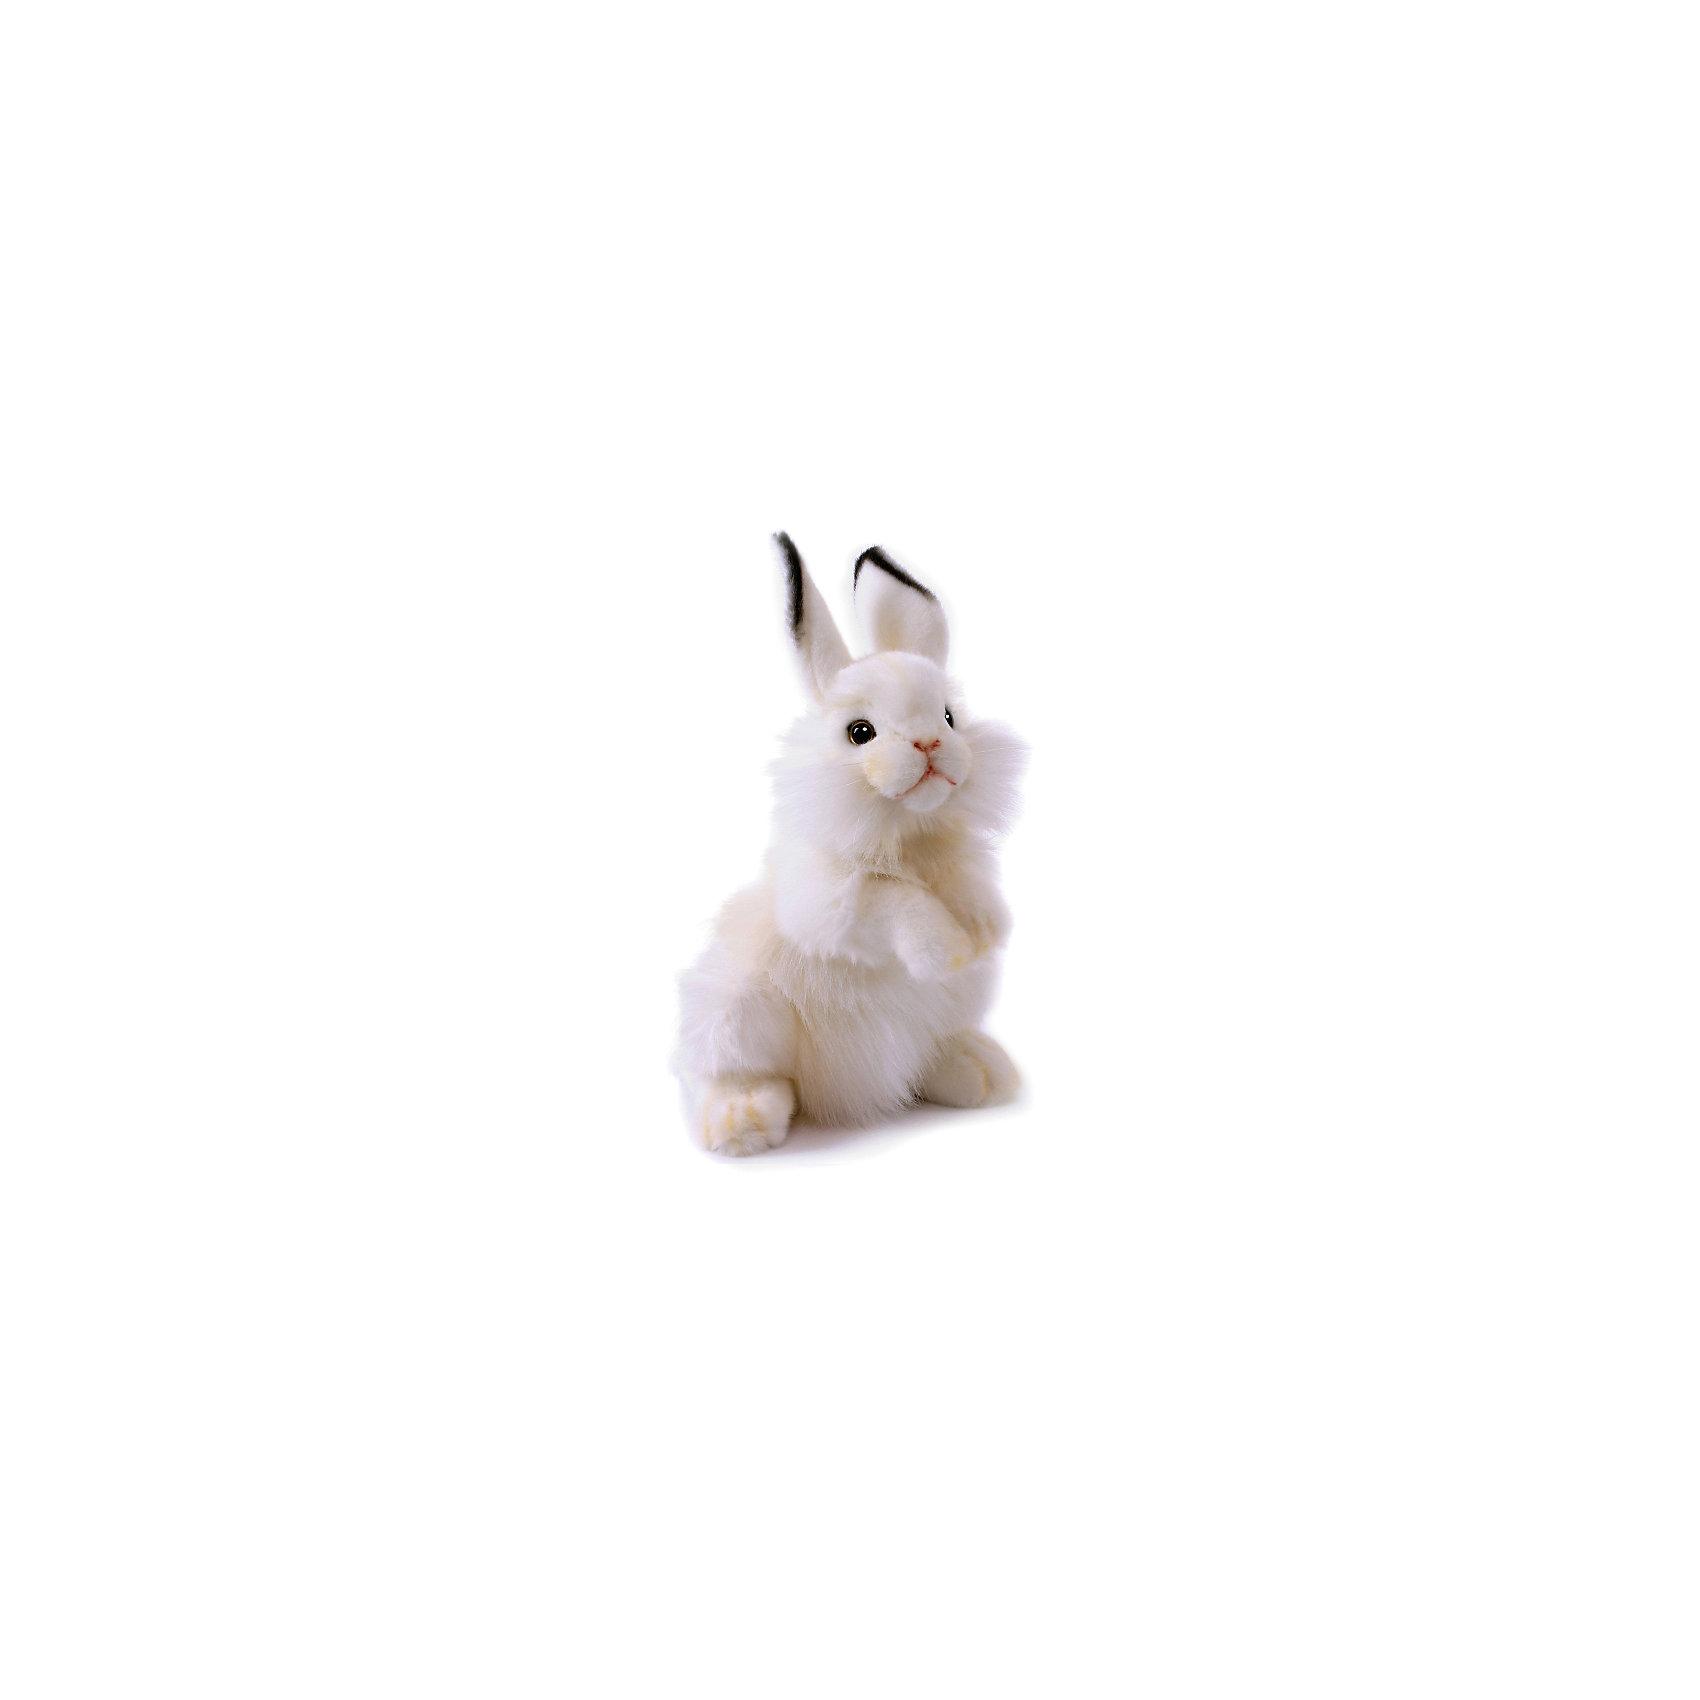 Белый кролик, 32 смЗайцы и кролики<br>Белый кролик, 32 см – игрушка от знаменитого бренда Hansa, специализирующегося на выпуске мягких игрушек с высокой степенью натуралистичности. Внешний вид игрушечного кролика полностью соответствует реальному прототипу – домашнему кролику. Он выполнен из искусственного меха белого цвета с разной длиной ворса: короткий на лапках, ушках и мордочке, длинный – на туловище. Использованные материалы обладают гипоаллергенными свойствами. Внутри игрушки имеется металлический каркас, позволяющий изменять положение. <br>Игрушка относится к серии Домашние животные. <br>Мягкие игрушки от Hansa подходят для сюжетно-ролевых игр, для обучающих игр, направленных на знакомство с миром живой природы. Кроме того, их можно использовать в качестве интерьерных игрушек. Коллекция из нескольких игрушек позволяет создать свою домашнюю ферму, которая будет радовать вашего ребенка долгое время, так как ручная работа и качественные материалы гарантируют их долговечность и прочность.<br><br>Дополнительная информация:<br><br>- Вид игр: сюжетно-ролевые игры, коллекционирование, интерьерные игрушки<br>- Предназначение: для дома, для детских развивающих центров, для детских садов<br>- Материал: искусственный мех, наполнитель ? полиэфирное волокно<br>- Размер (ДхШхВ): 21*32*19 см<br>- Вес: 450 г<br>- Особенности ухода: сухая чистка при помощи пылесоса или щетки для одежды<br><br>Подробнее:<br><br>• Для детей в возрасте: от 3 лет <br>• Страна производитель: Филиппины<br>• Торговый бренд: Hansa<br><br>Белого кролика, 32 см можно купить в нашем интернет-магазине.<br><br>Ширина мм: 21<br>Глубина мм: 32<br>Высота мм: 19<br>Вес г: 450<br>Возраст от месяцев: 36<br>Возраст до месяцев: 2147483647<br>Пол: Унисекс<br>Возраст: Детский<br>SKU: 4927156